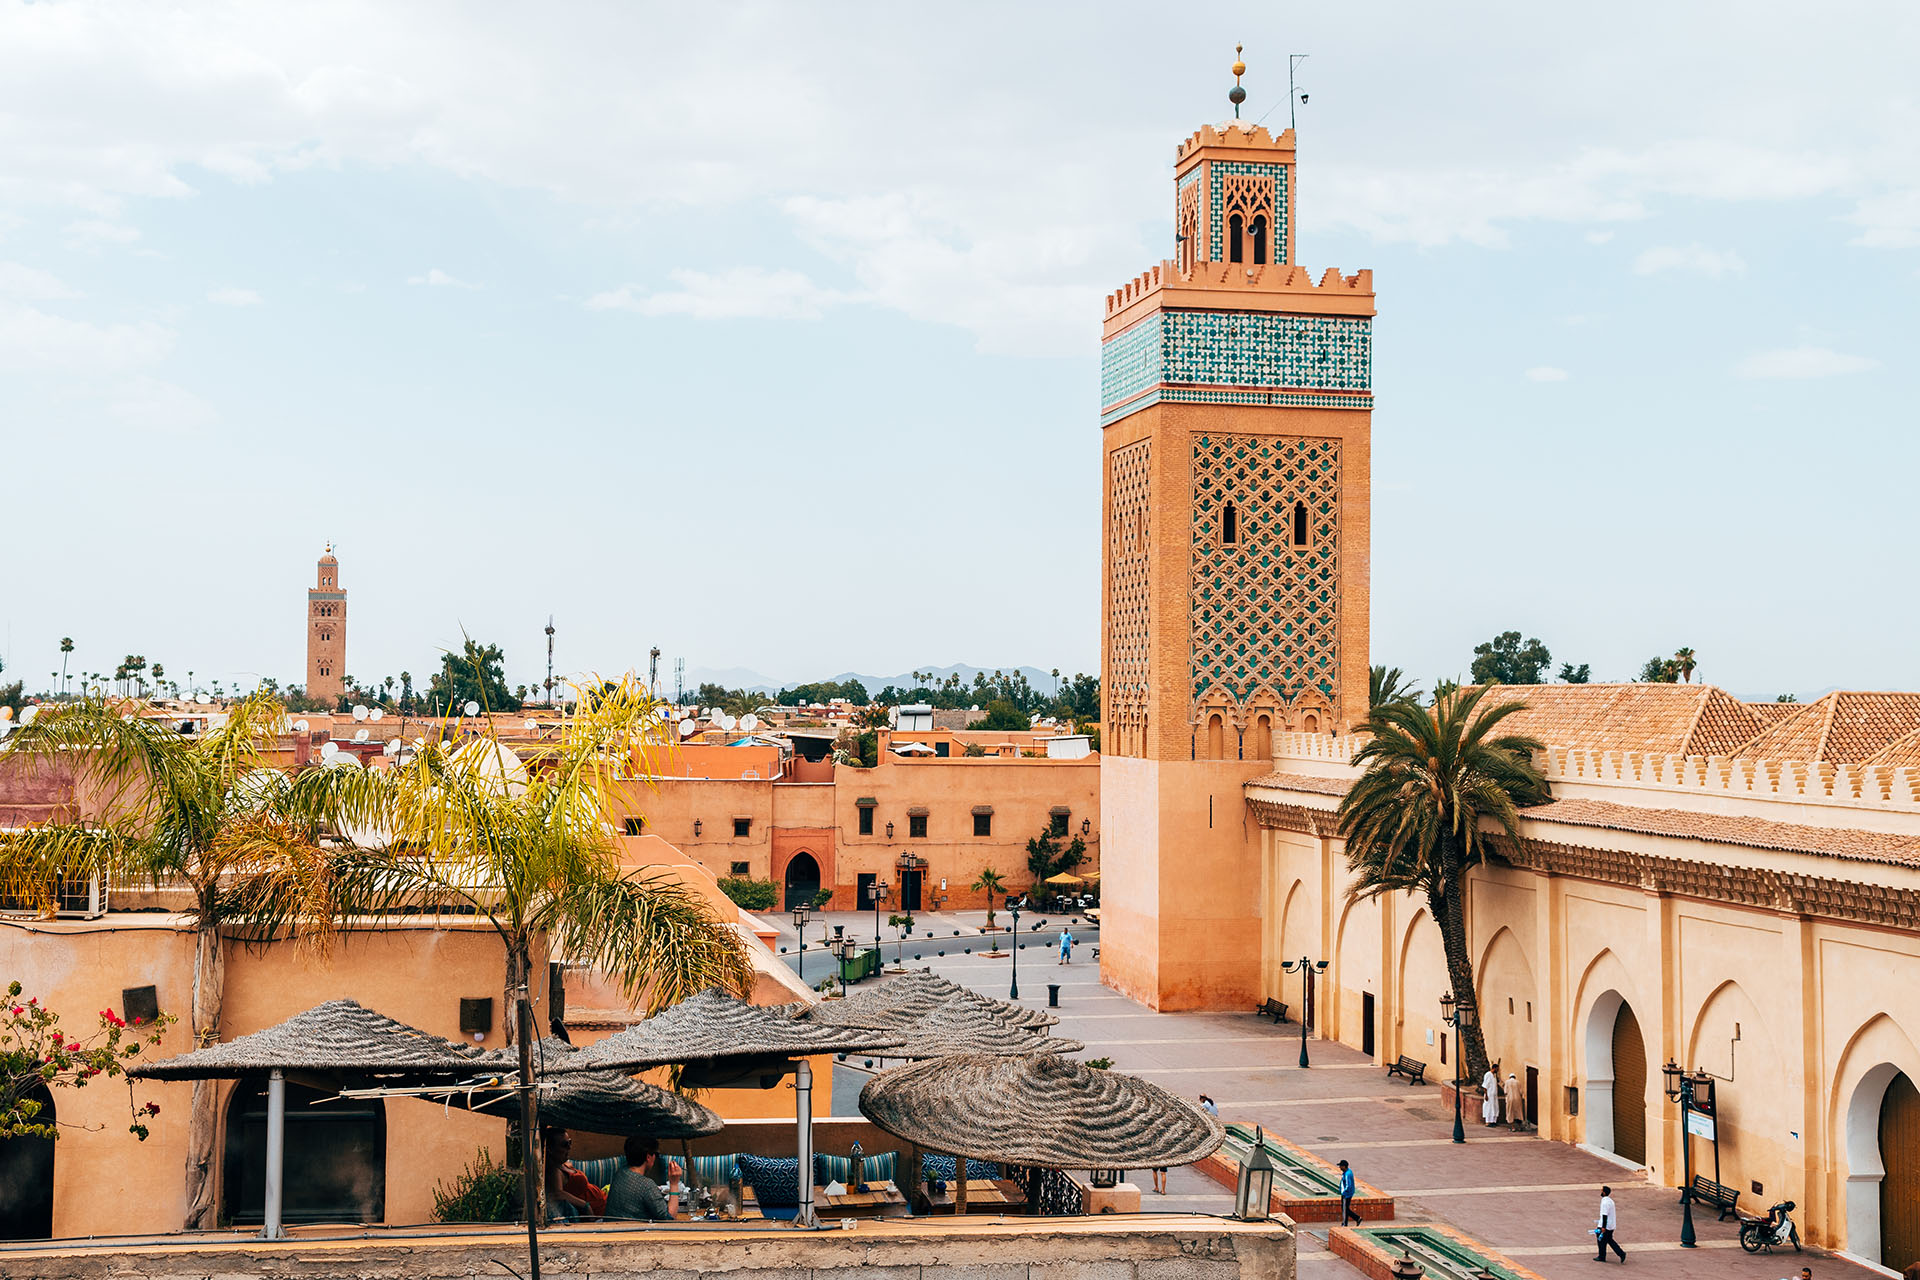 Dos ciudades en una. Marrakech tiene palacios, jardines y mezquitas. El Jardín Majorelle es el jardín más visitado, y puedes ver algunas de las influencias francesas en todas partes. Mezquita Koutoubia, es un obligado para visitar